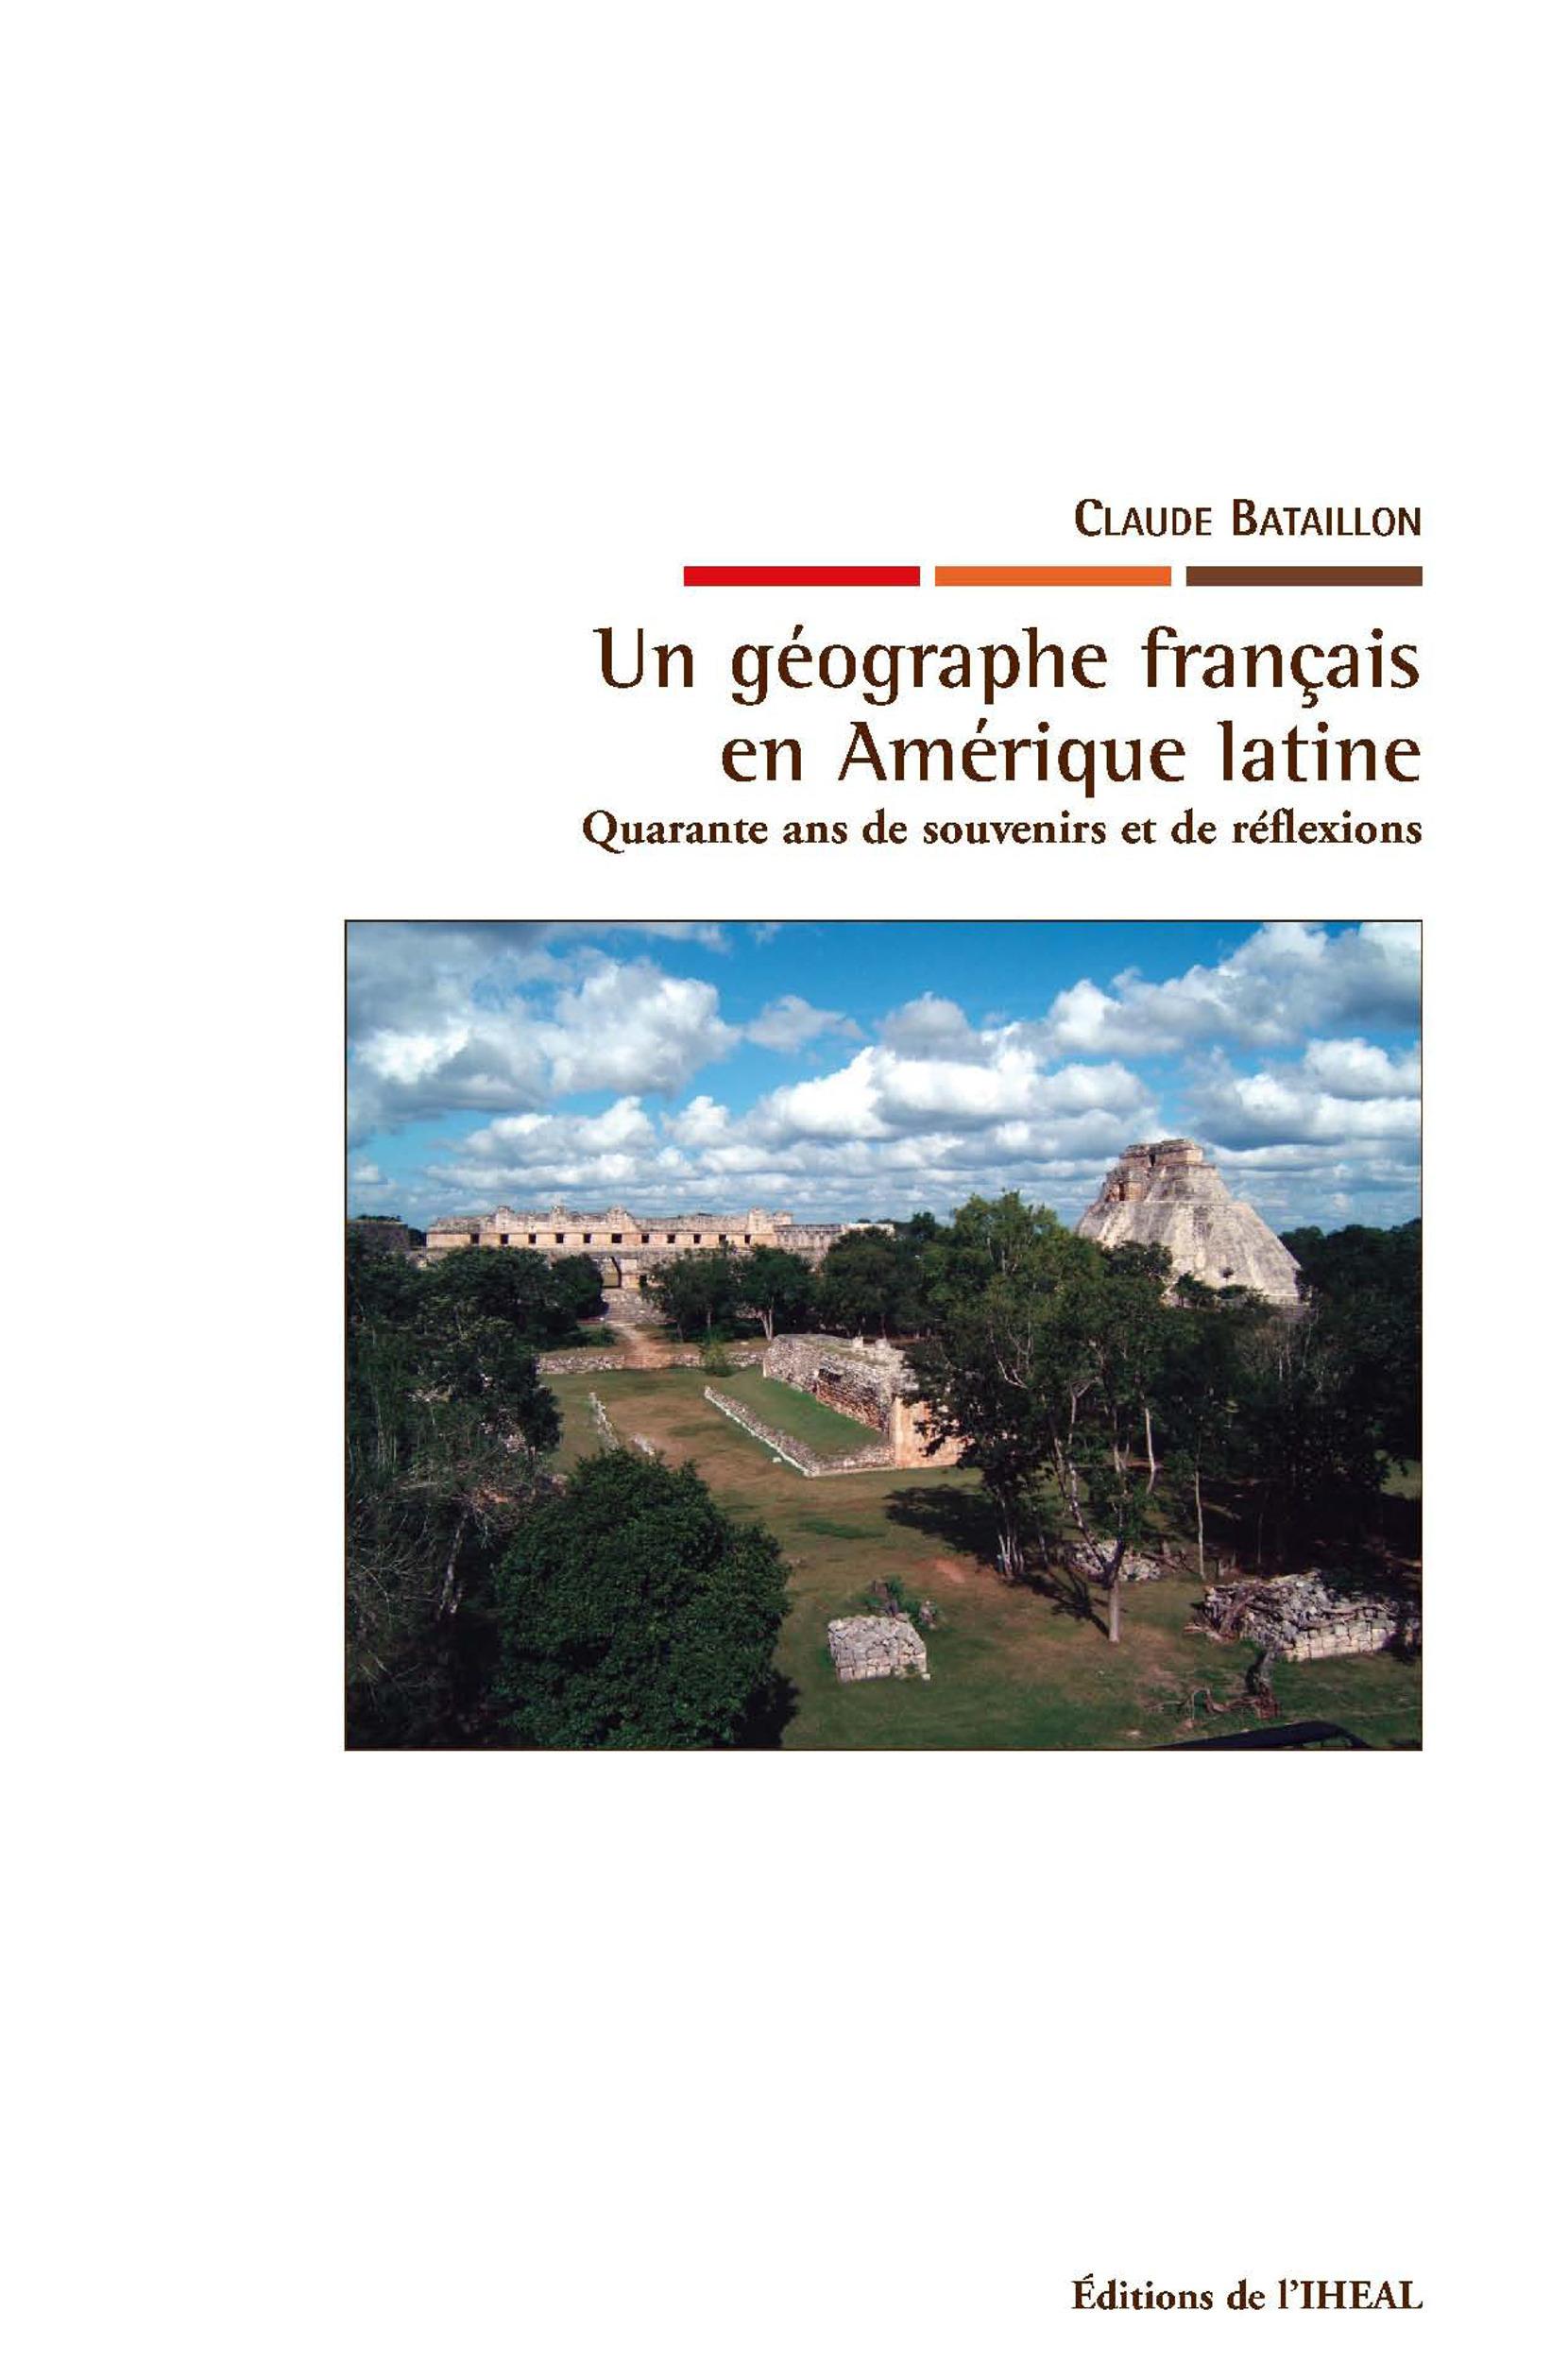 Un géographe francais en Amerique latine ; quarante ans de souvenirs et de réflexions